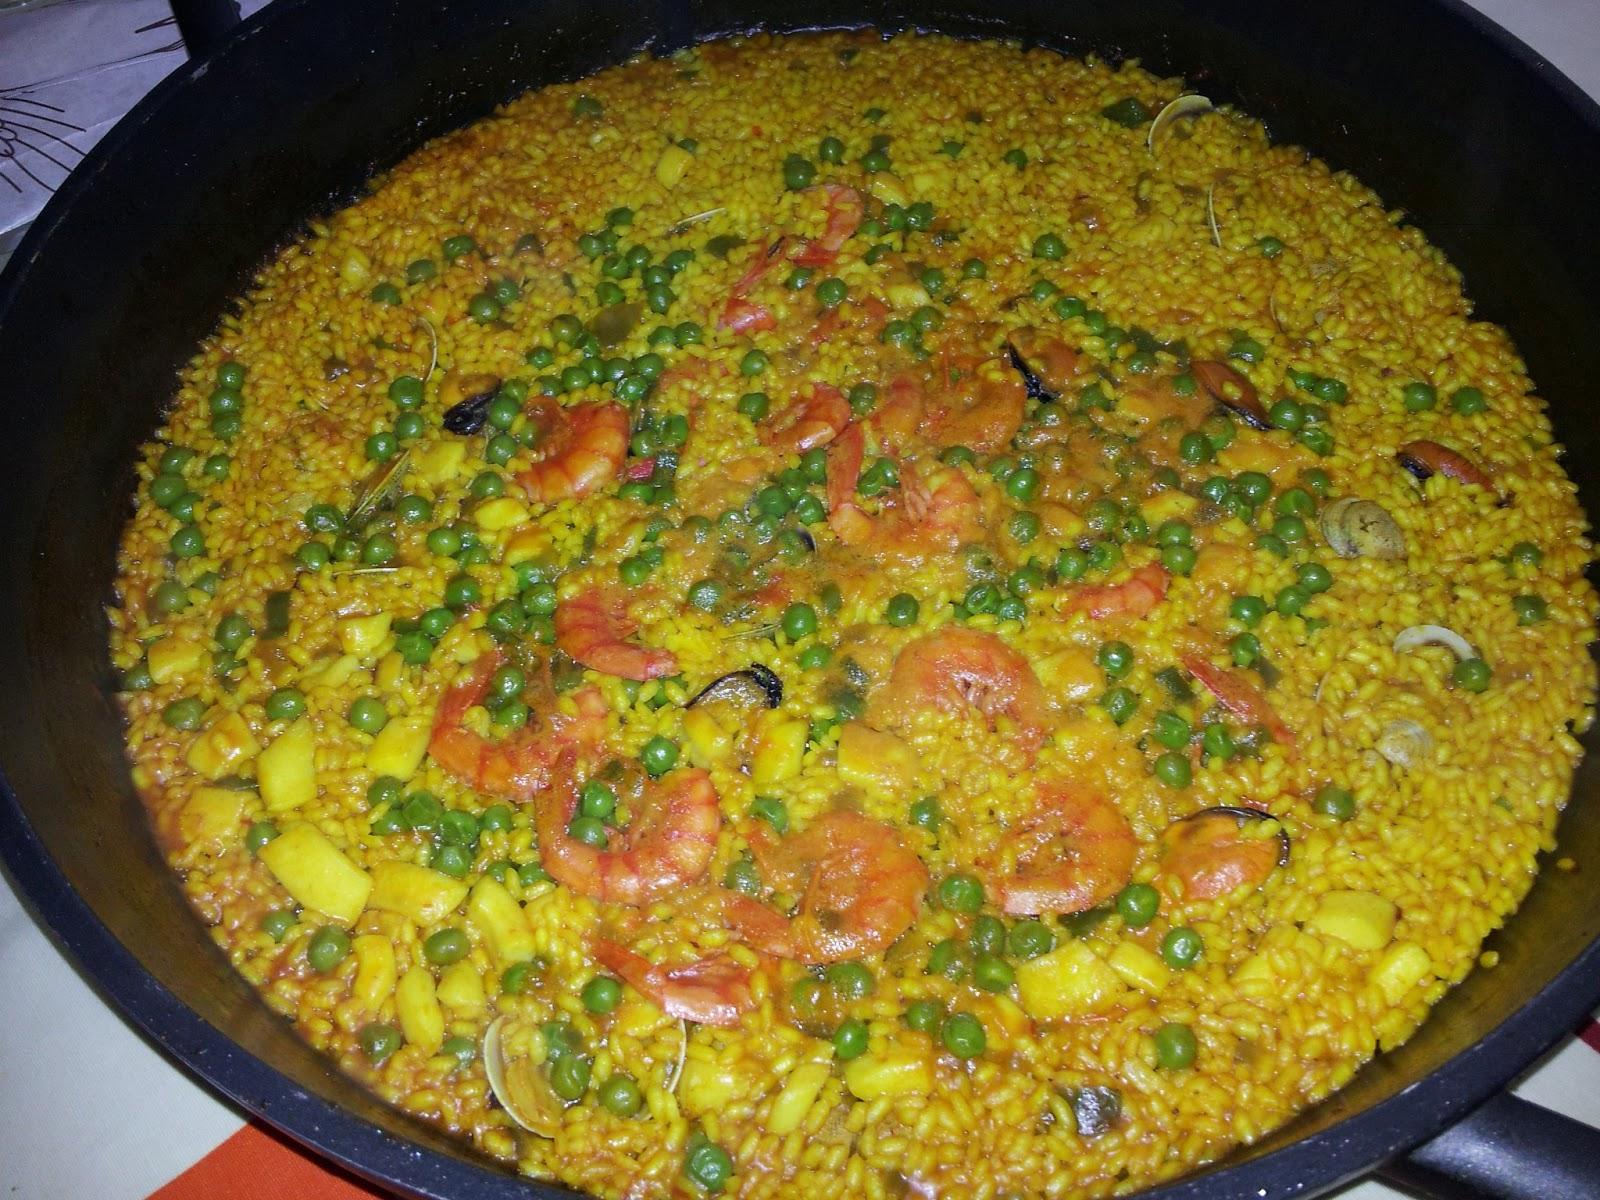 La cocina de roser - Arroz con pescado y verduras ...